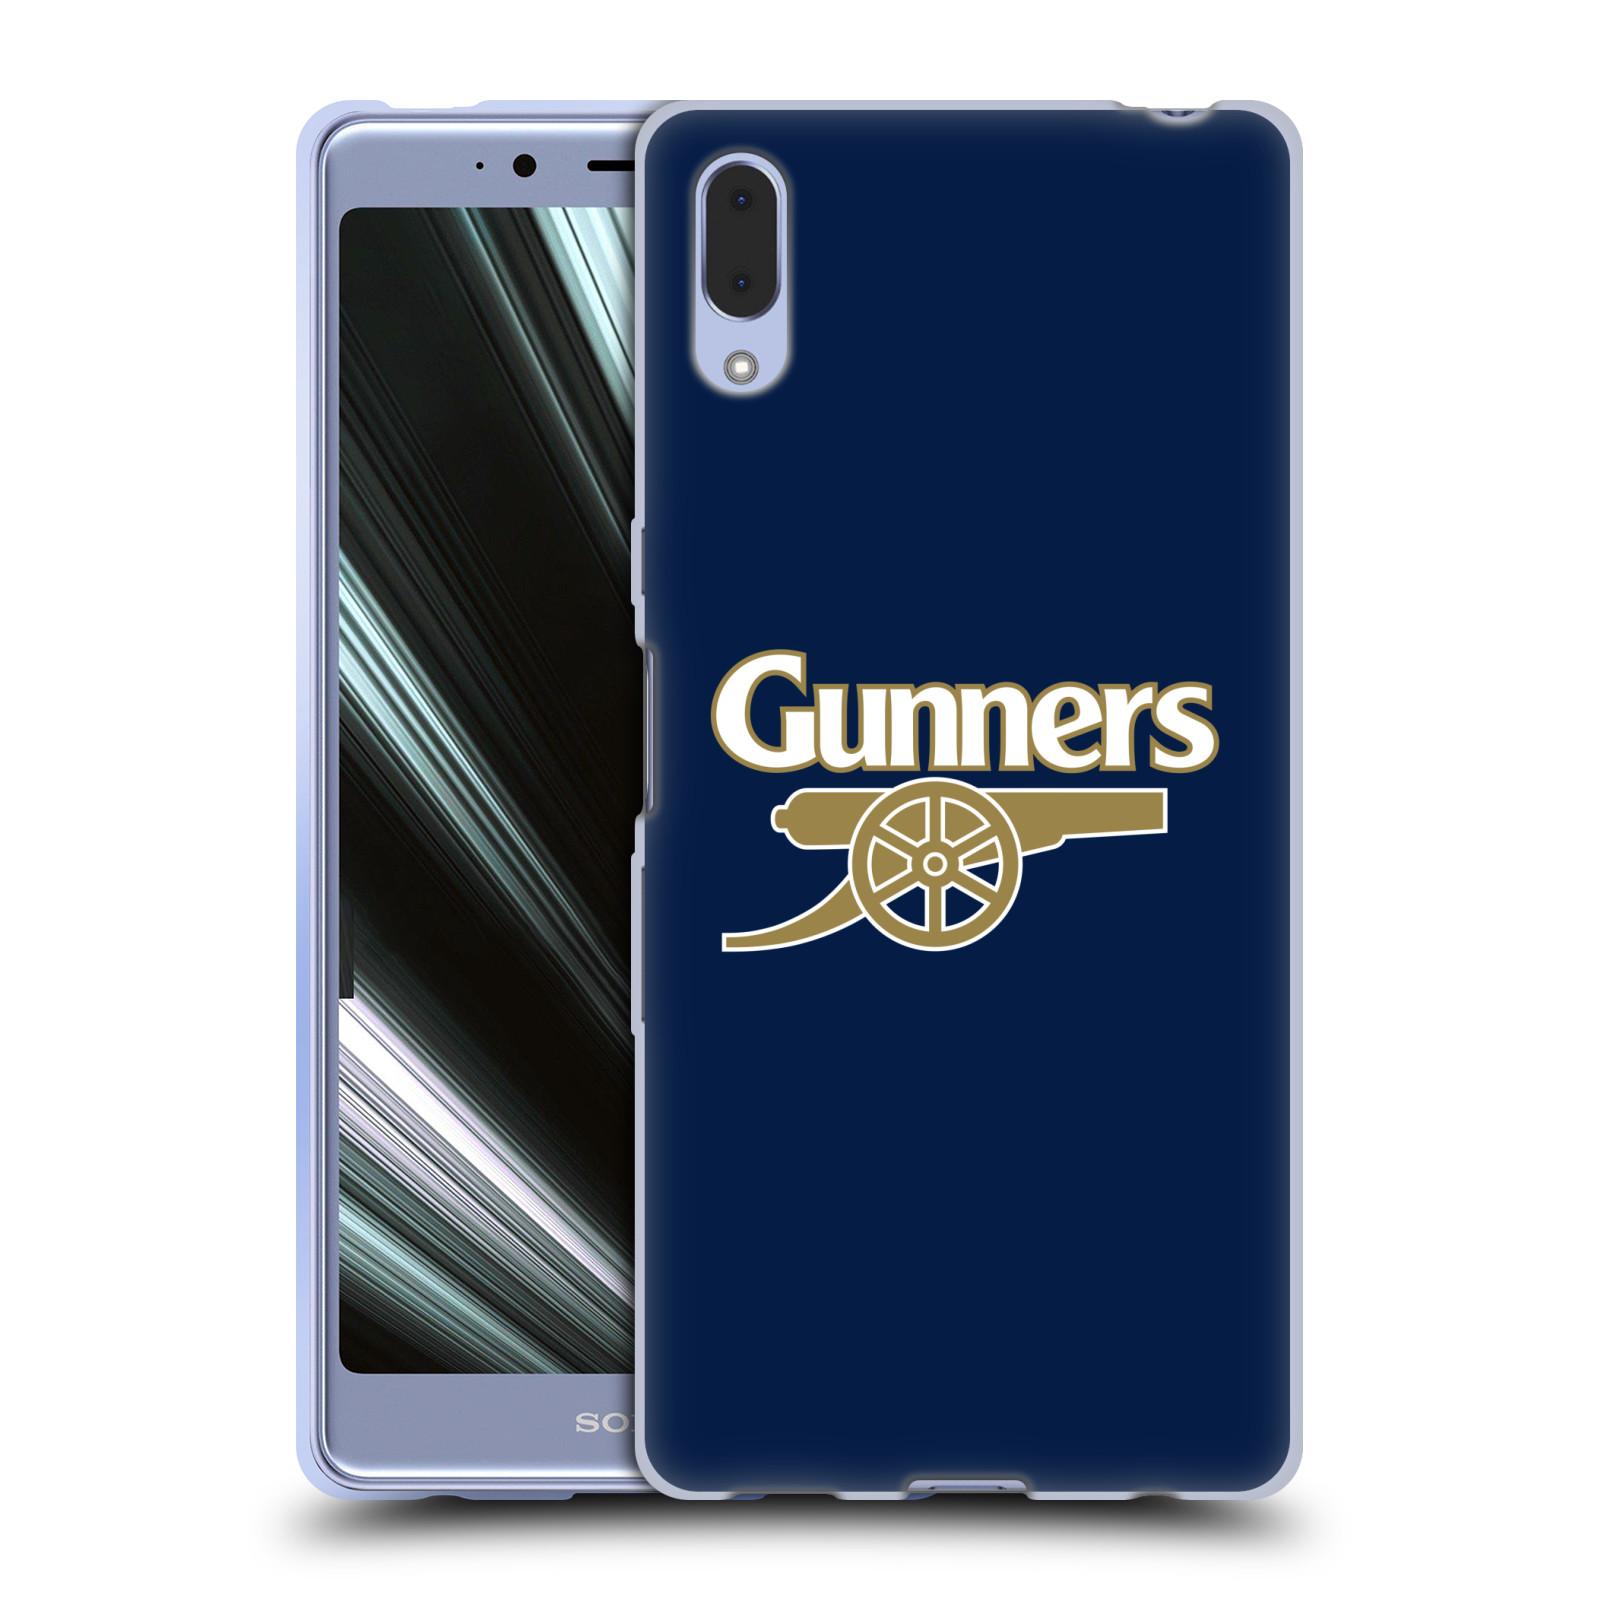 Silikonové pouzdro na mobil Sony Xperia L3 - Head Case - Arsenal FC - Gunners